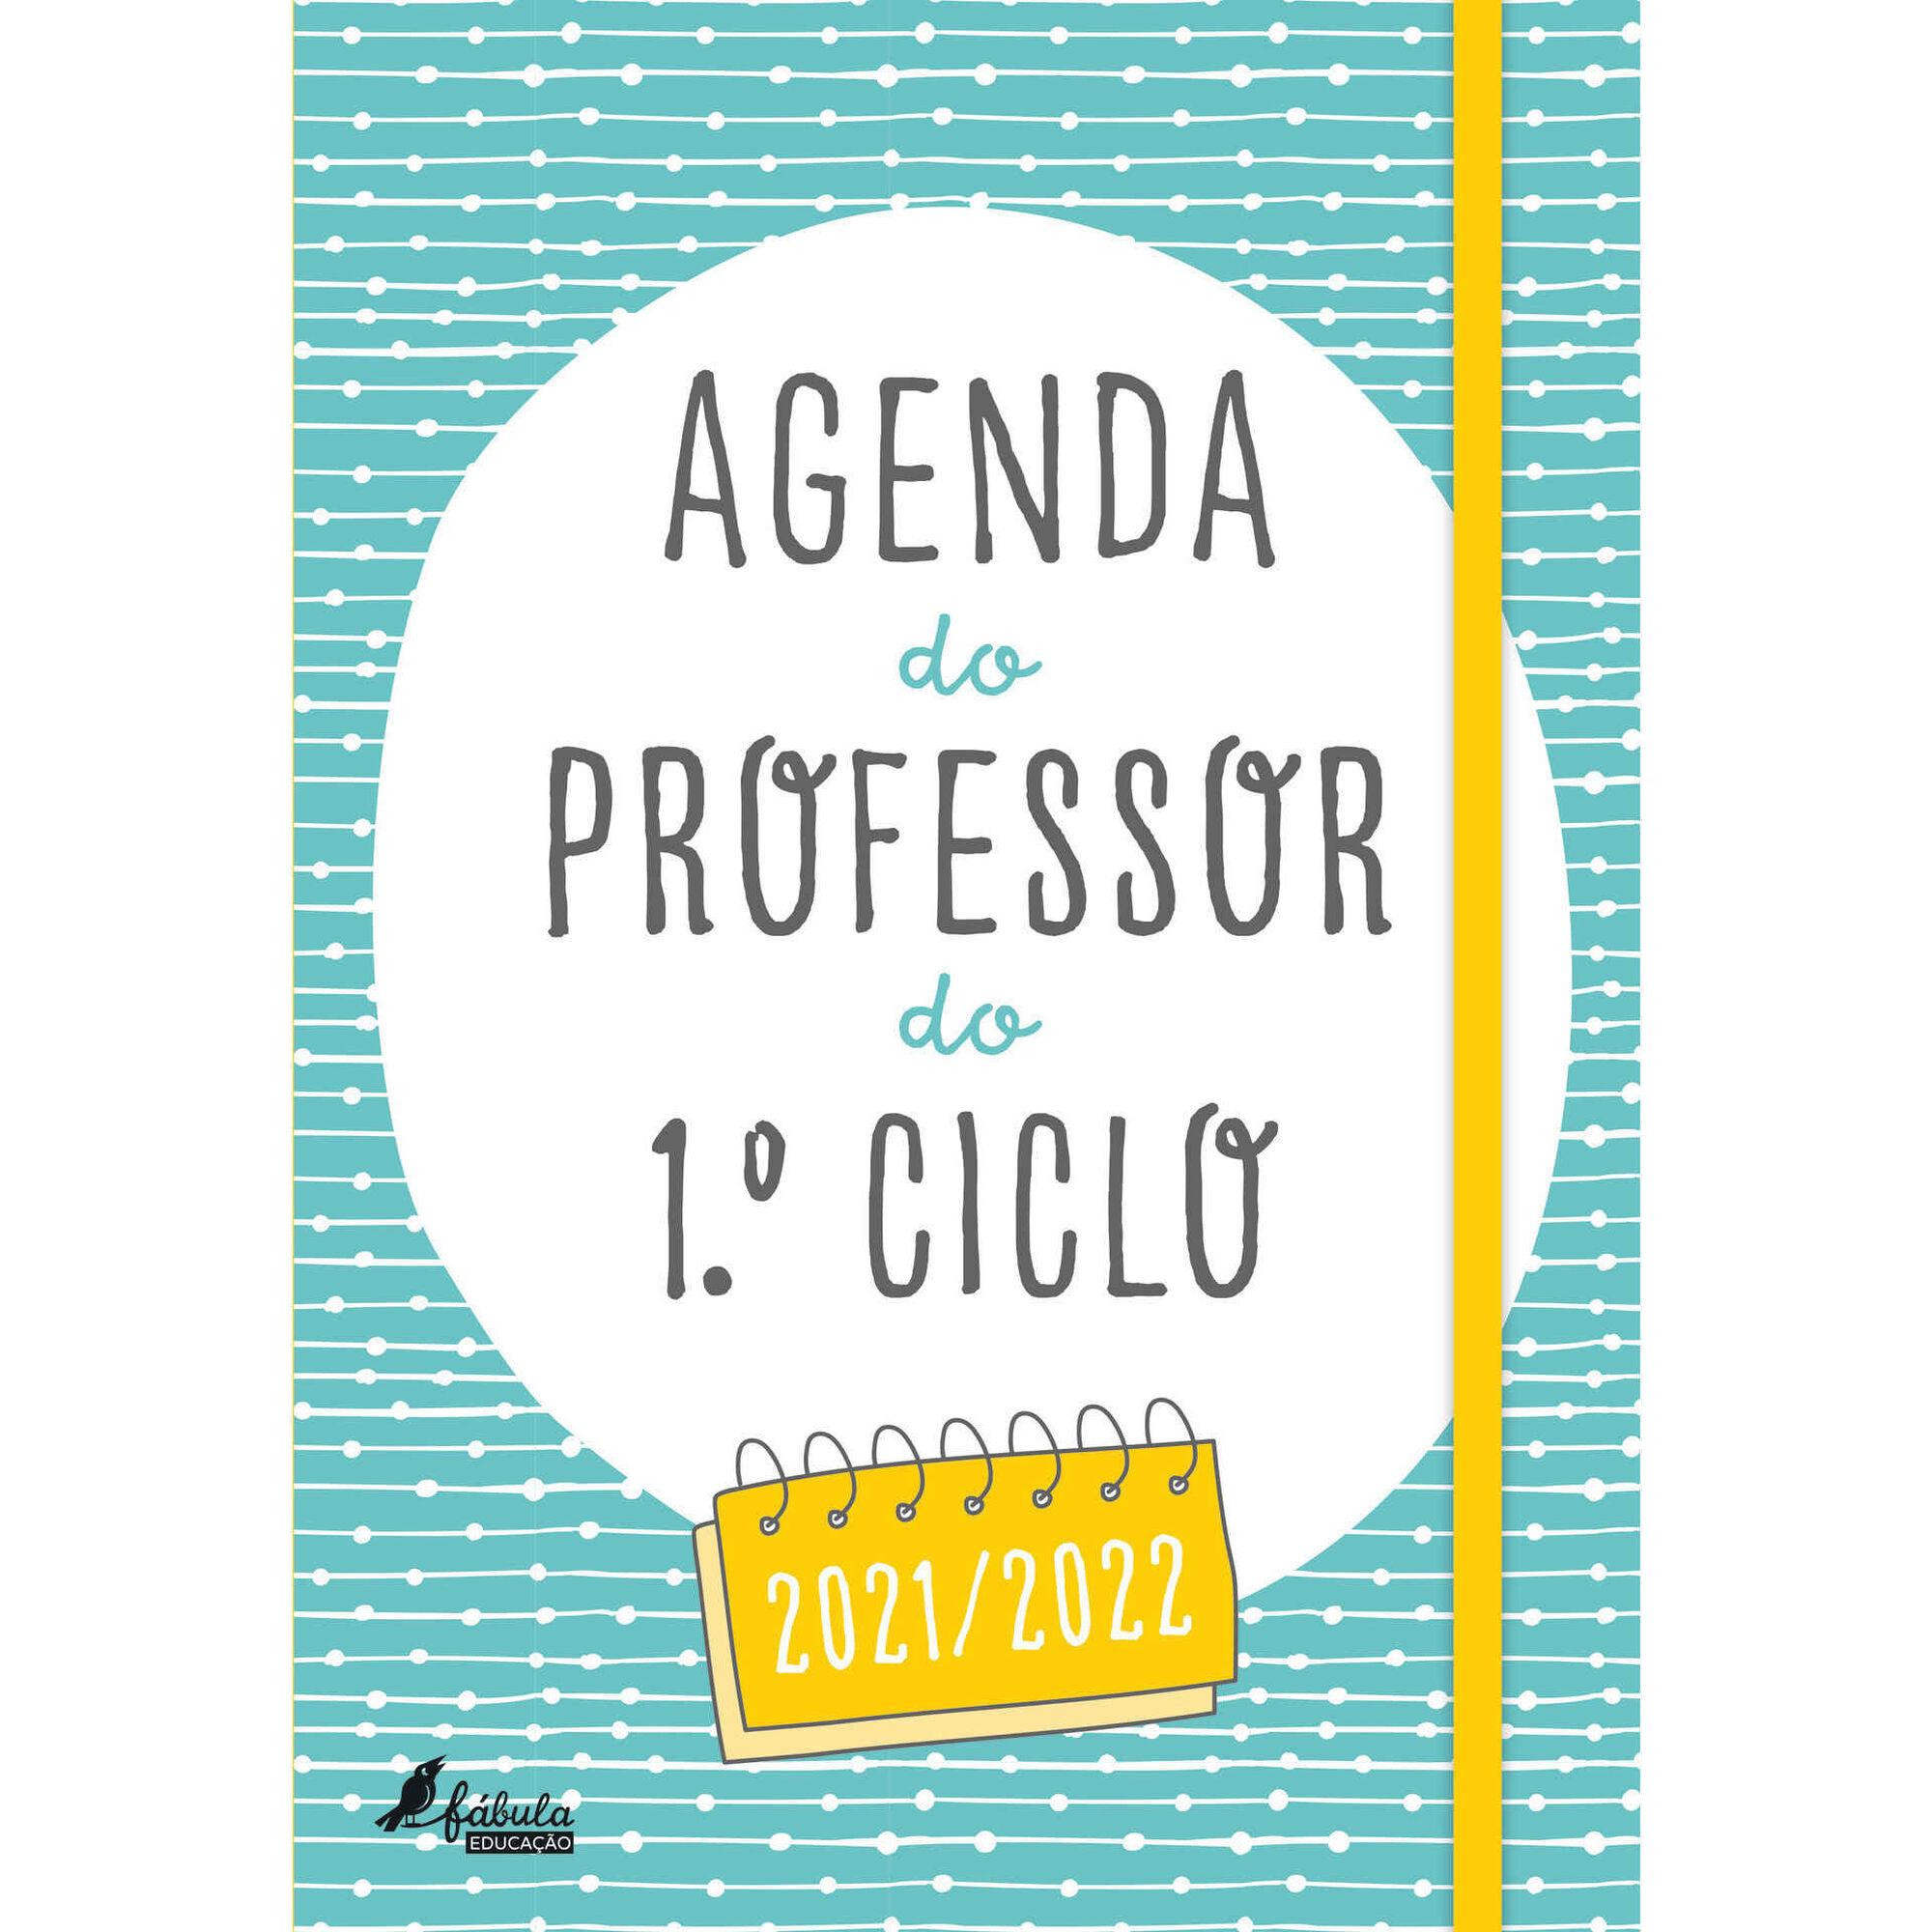 Agenda do Professor do 1º Ciclo 2021/2022